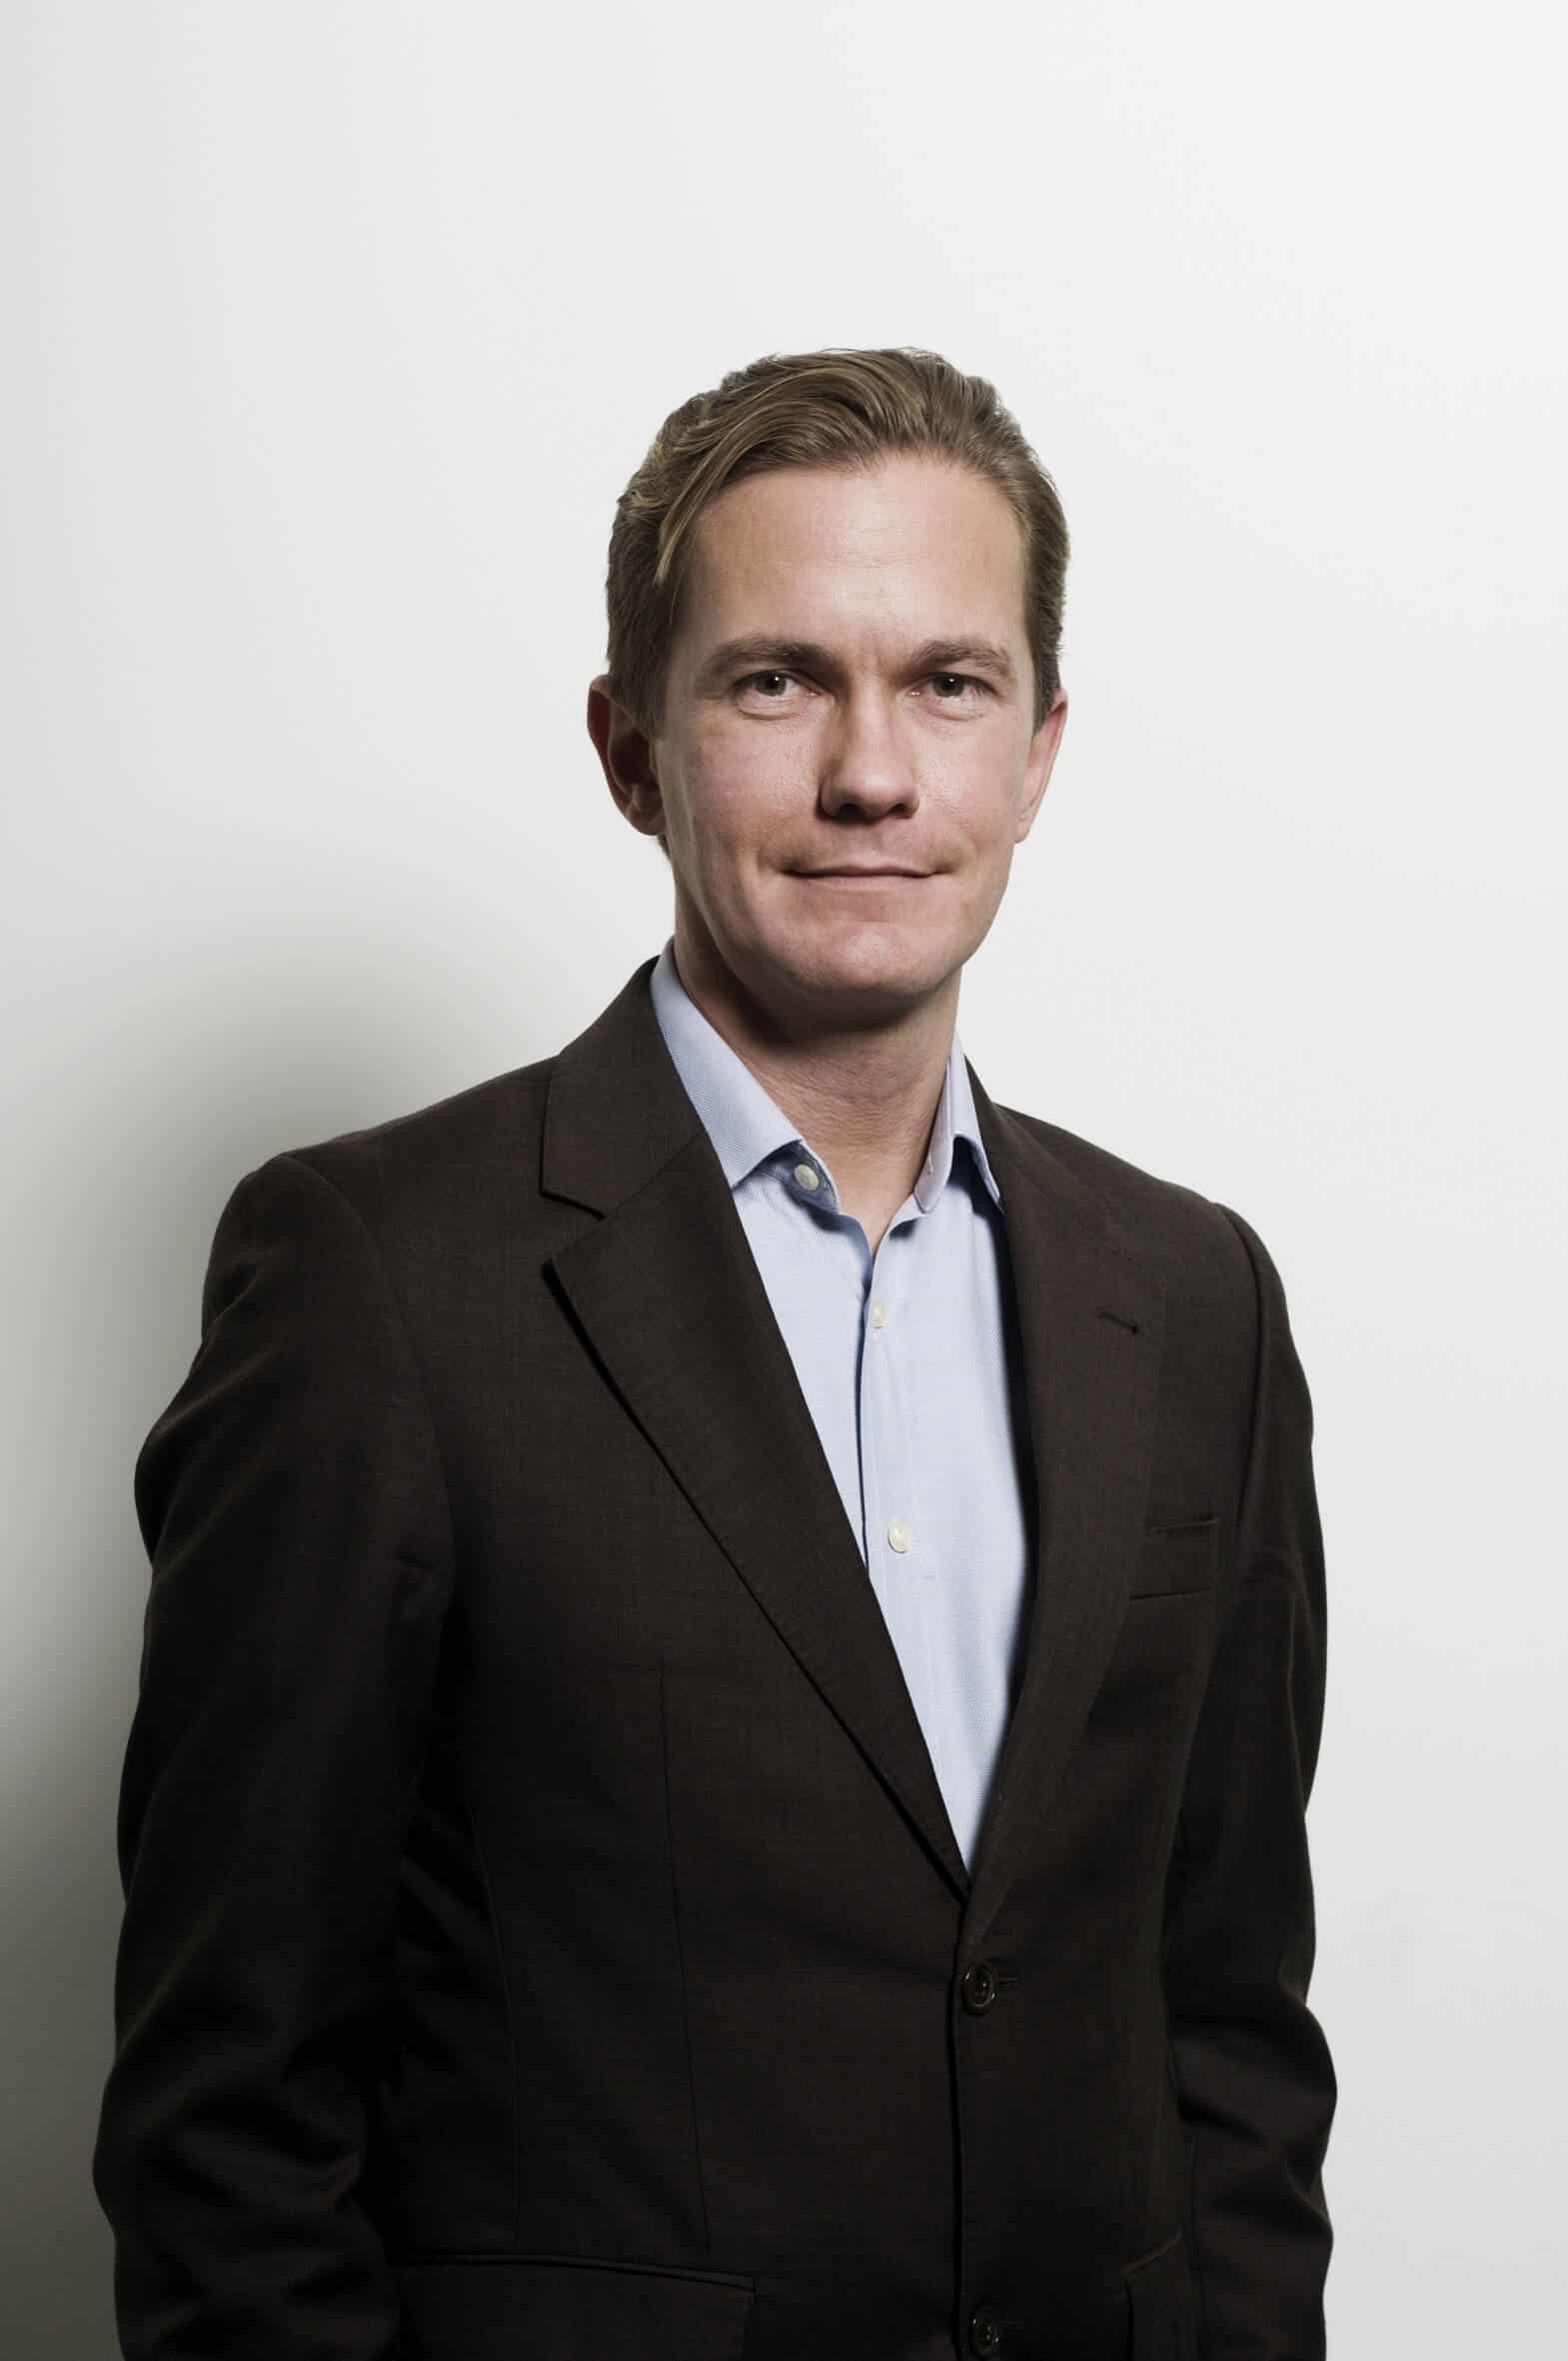 Bernhard Jodeleit High Res